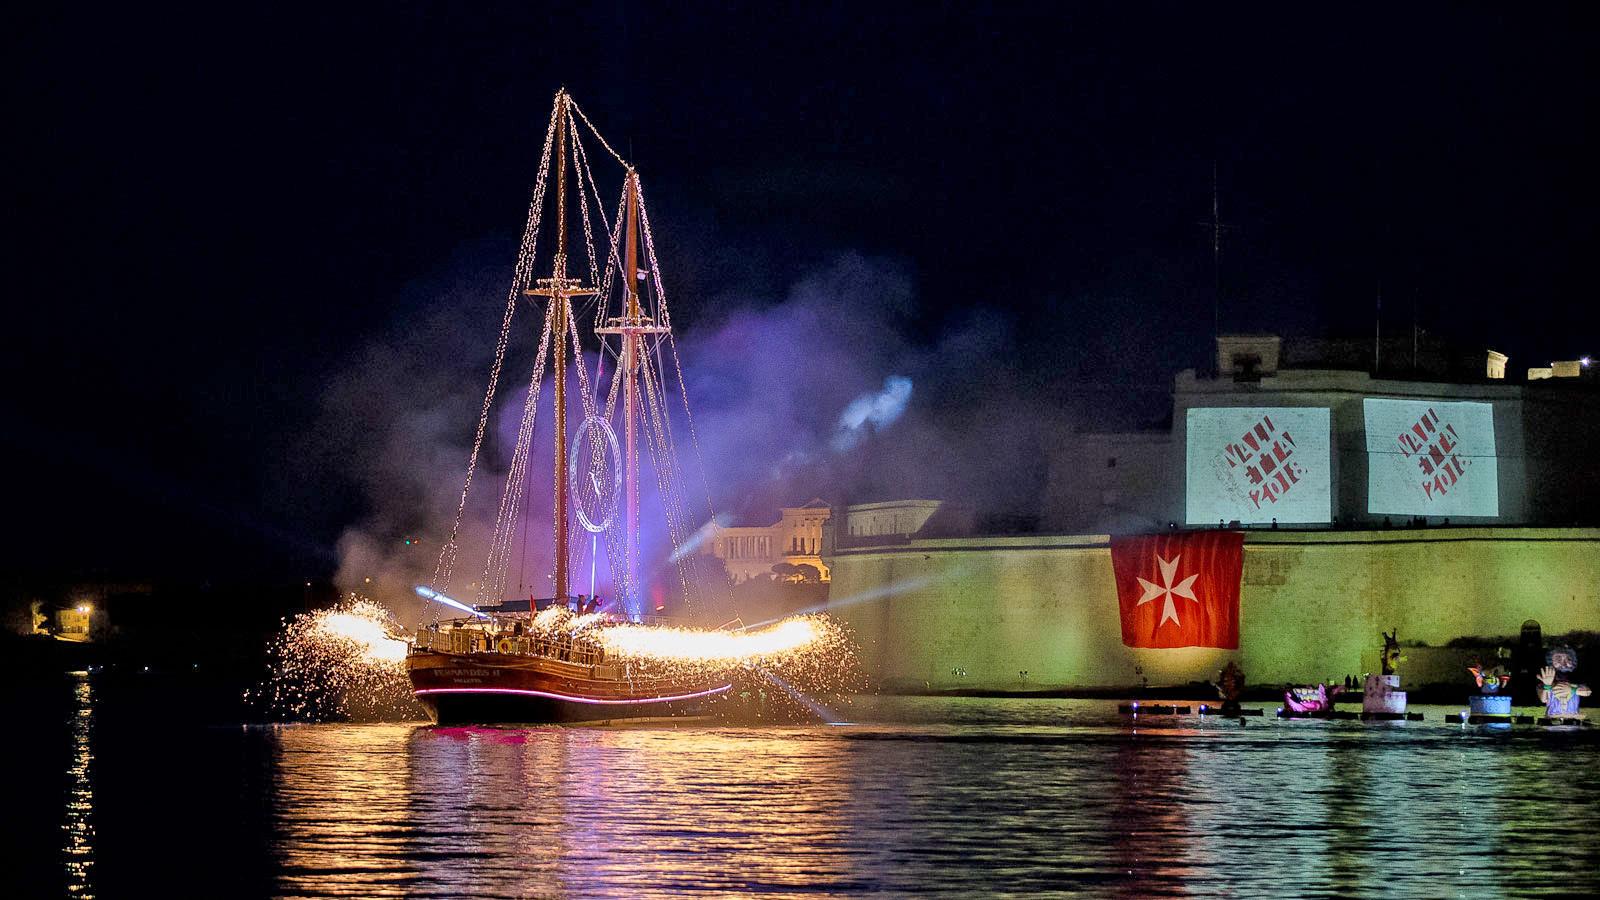 Pageant of the Seas, una giornata di festa nel Grand Harbour di Valletta